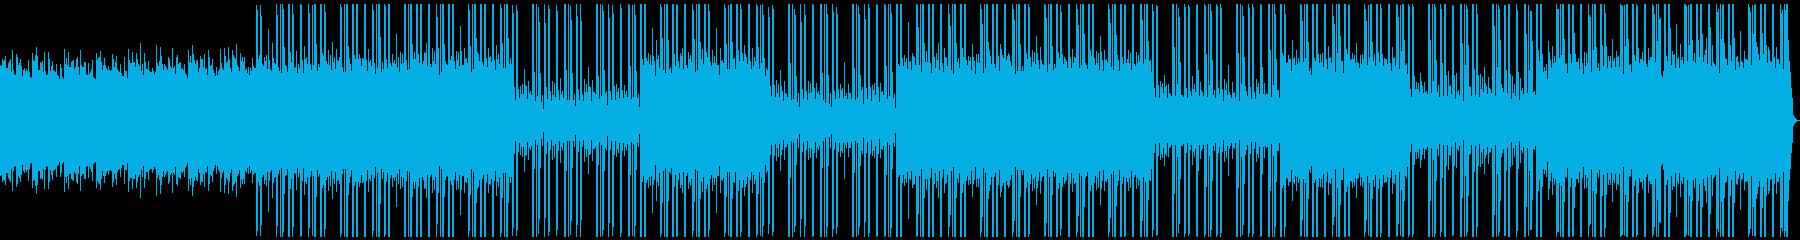 和をイメージしたトラップビートの再生済みの波形